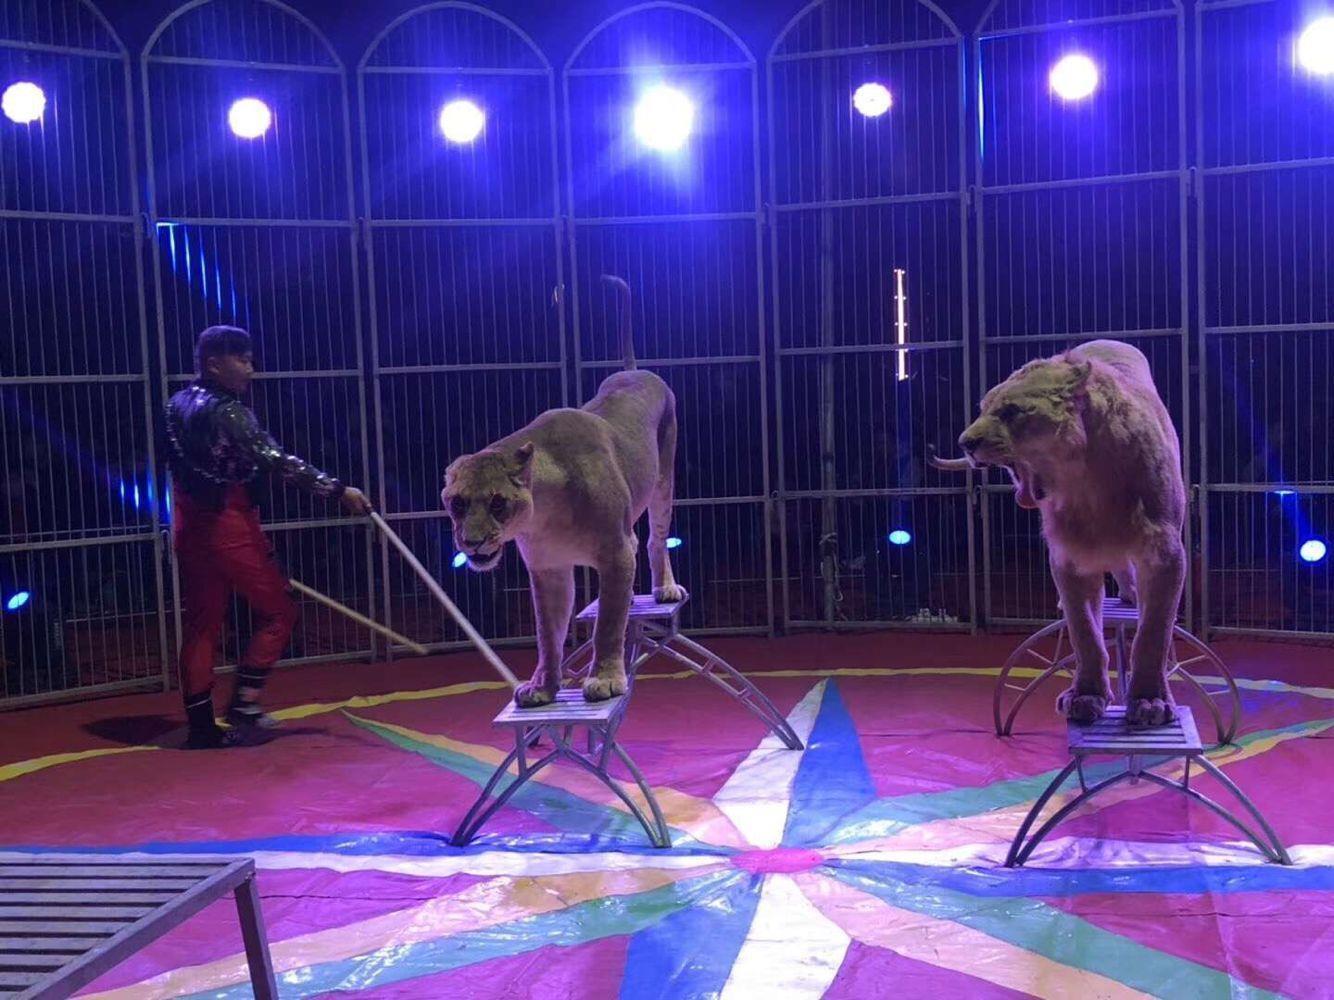 济南马戏团杂技表演一站式服务全包